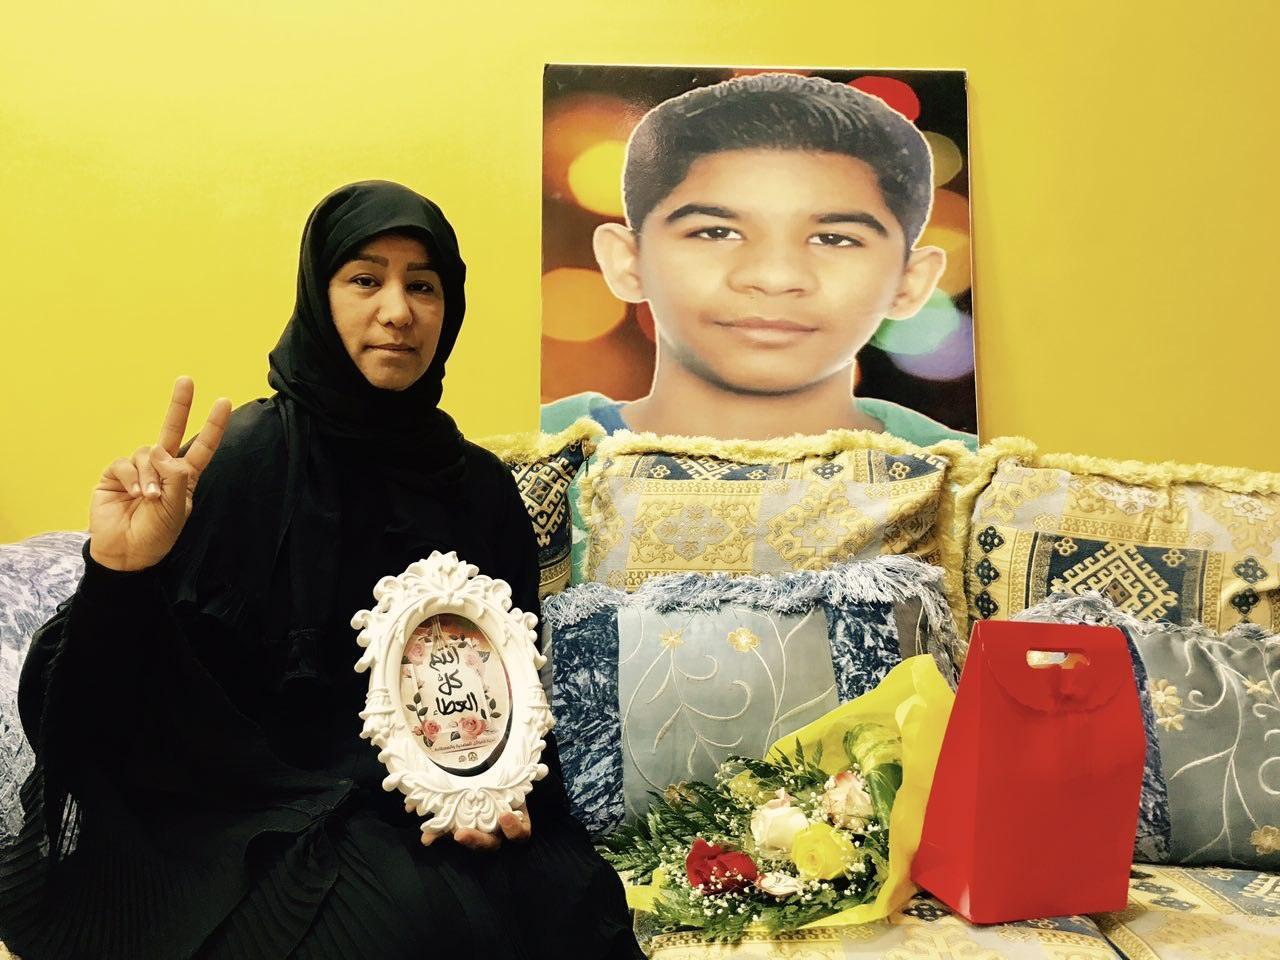 بالصور: زيارات للعوائل المضحية ضمن برنامج «أنتم كلّ العطاء» في عيد الأضحى